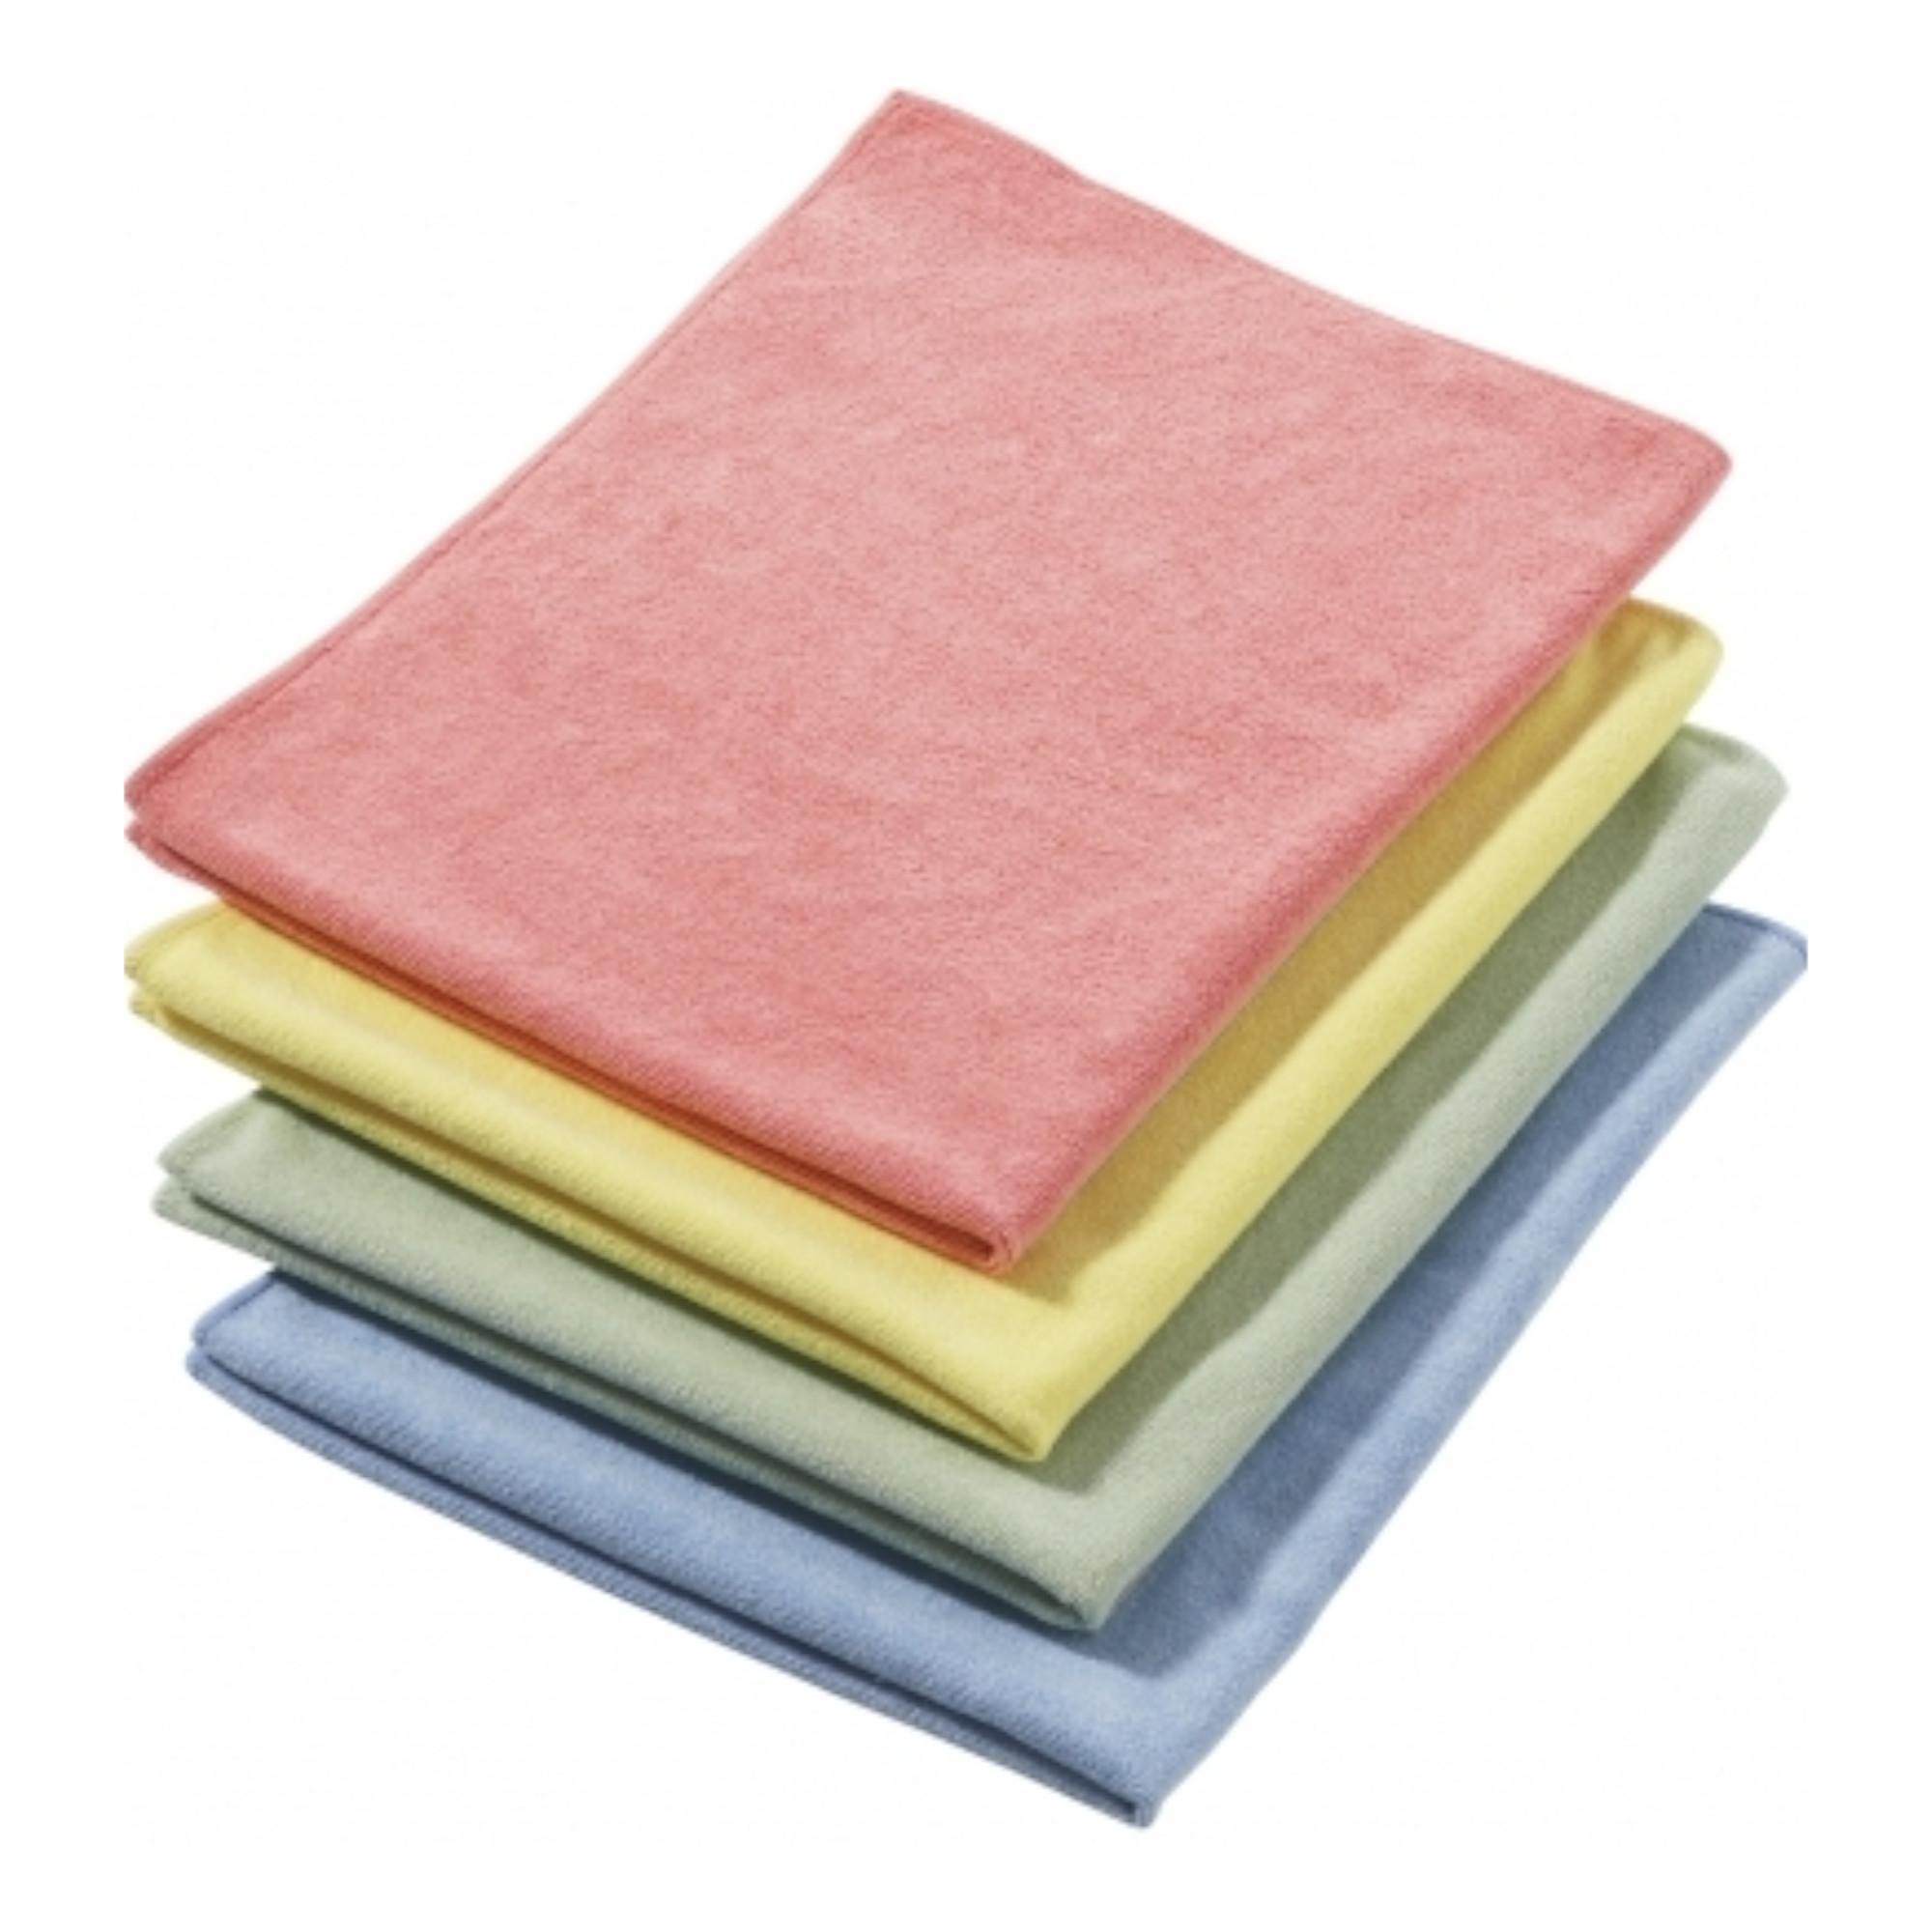 Mikrofaser Premiumtuch XL Reinigungstuch für Oberflächen, Geschirr, Fenster und Auto